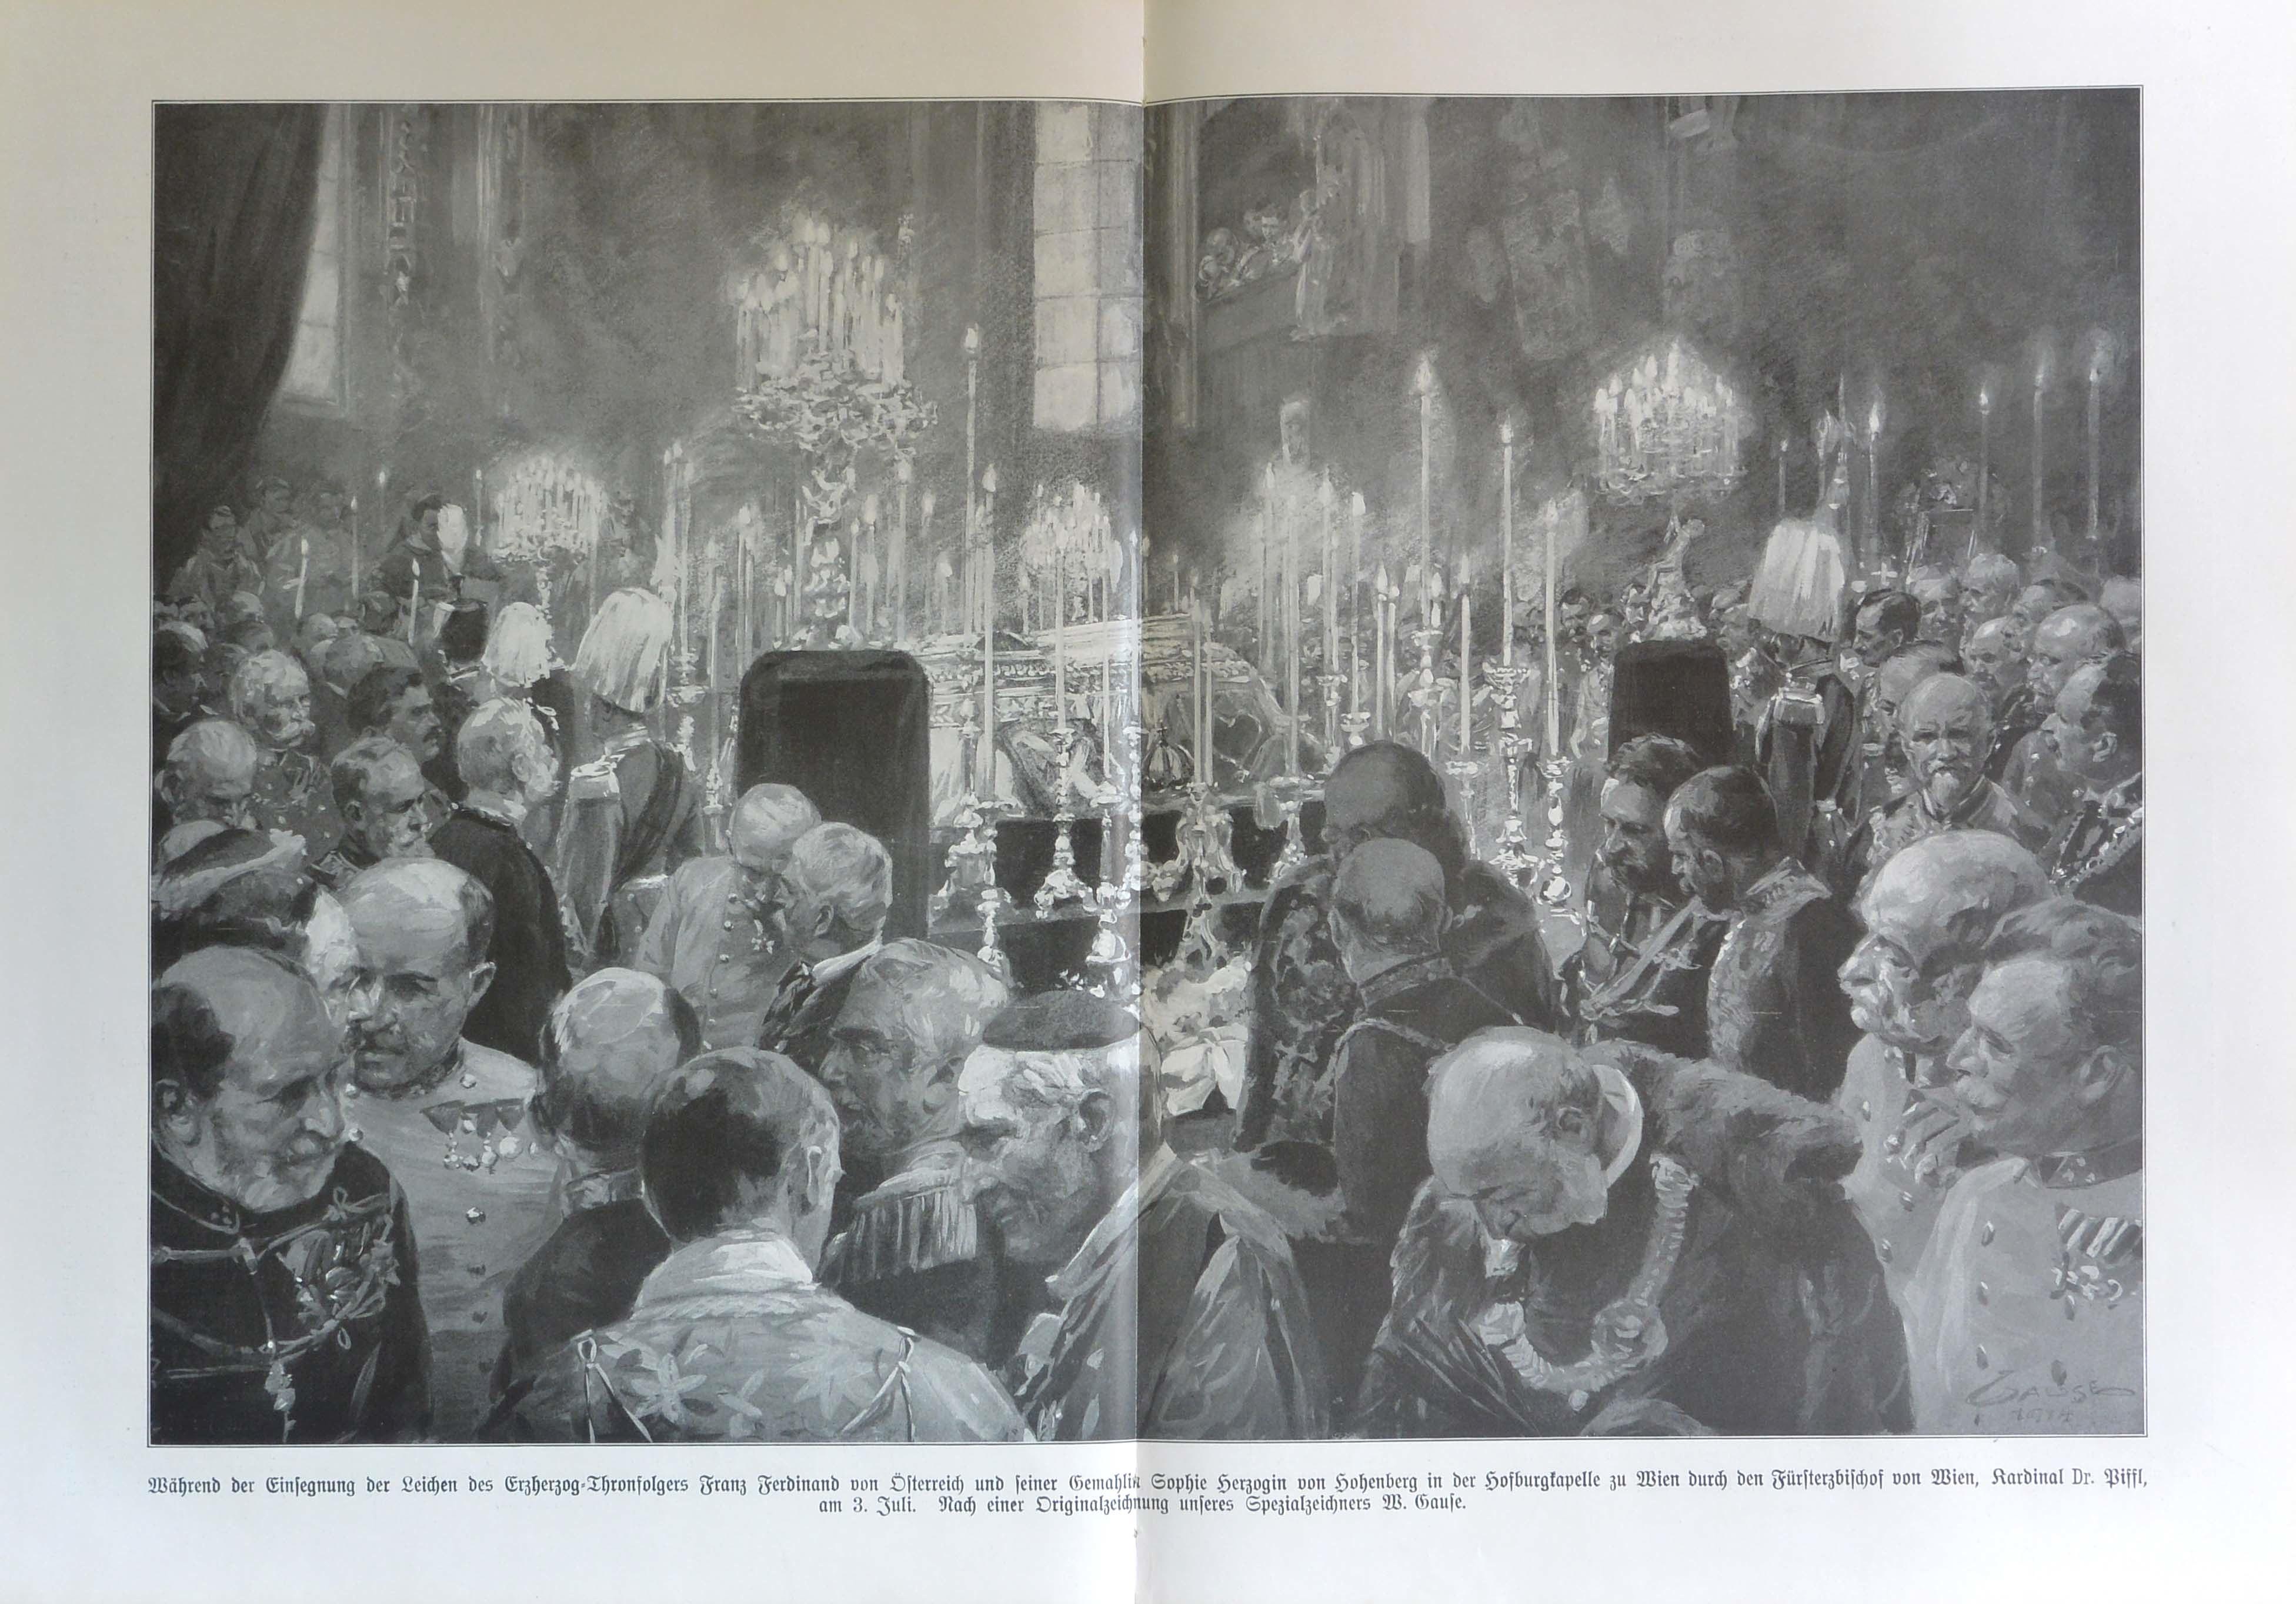 the ceremony for the funeral of Archduke Franz Ferdinand and his wife Sophie on July 3rd, 1914, the illustration is by the special envoy, designer W. Gaufe - la cerimonia per le esequie dell'arciduca Franz Ferdinand e di sua moglie Sophie, il 3 luglio del 1914. L'illustrazione è dell'inviato speciale disegnatore W. Gaufe